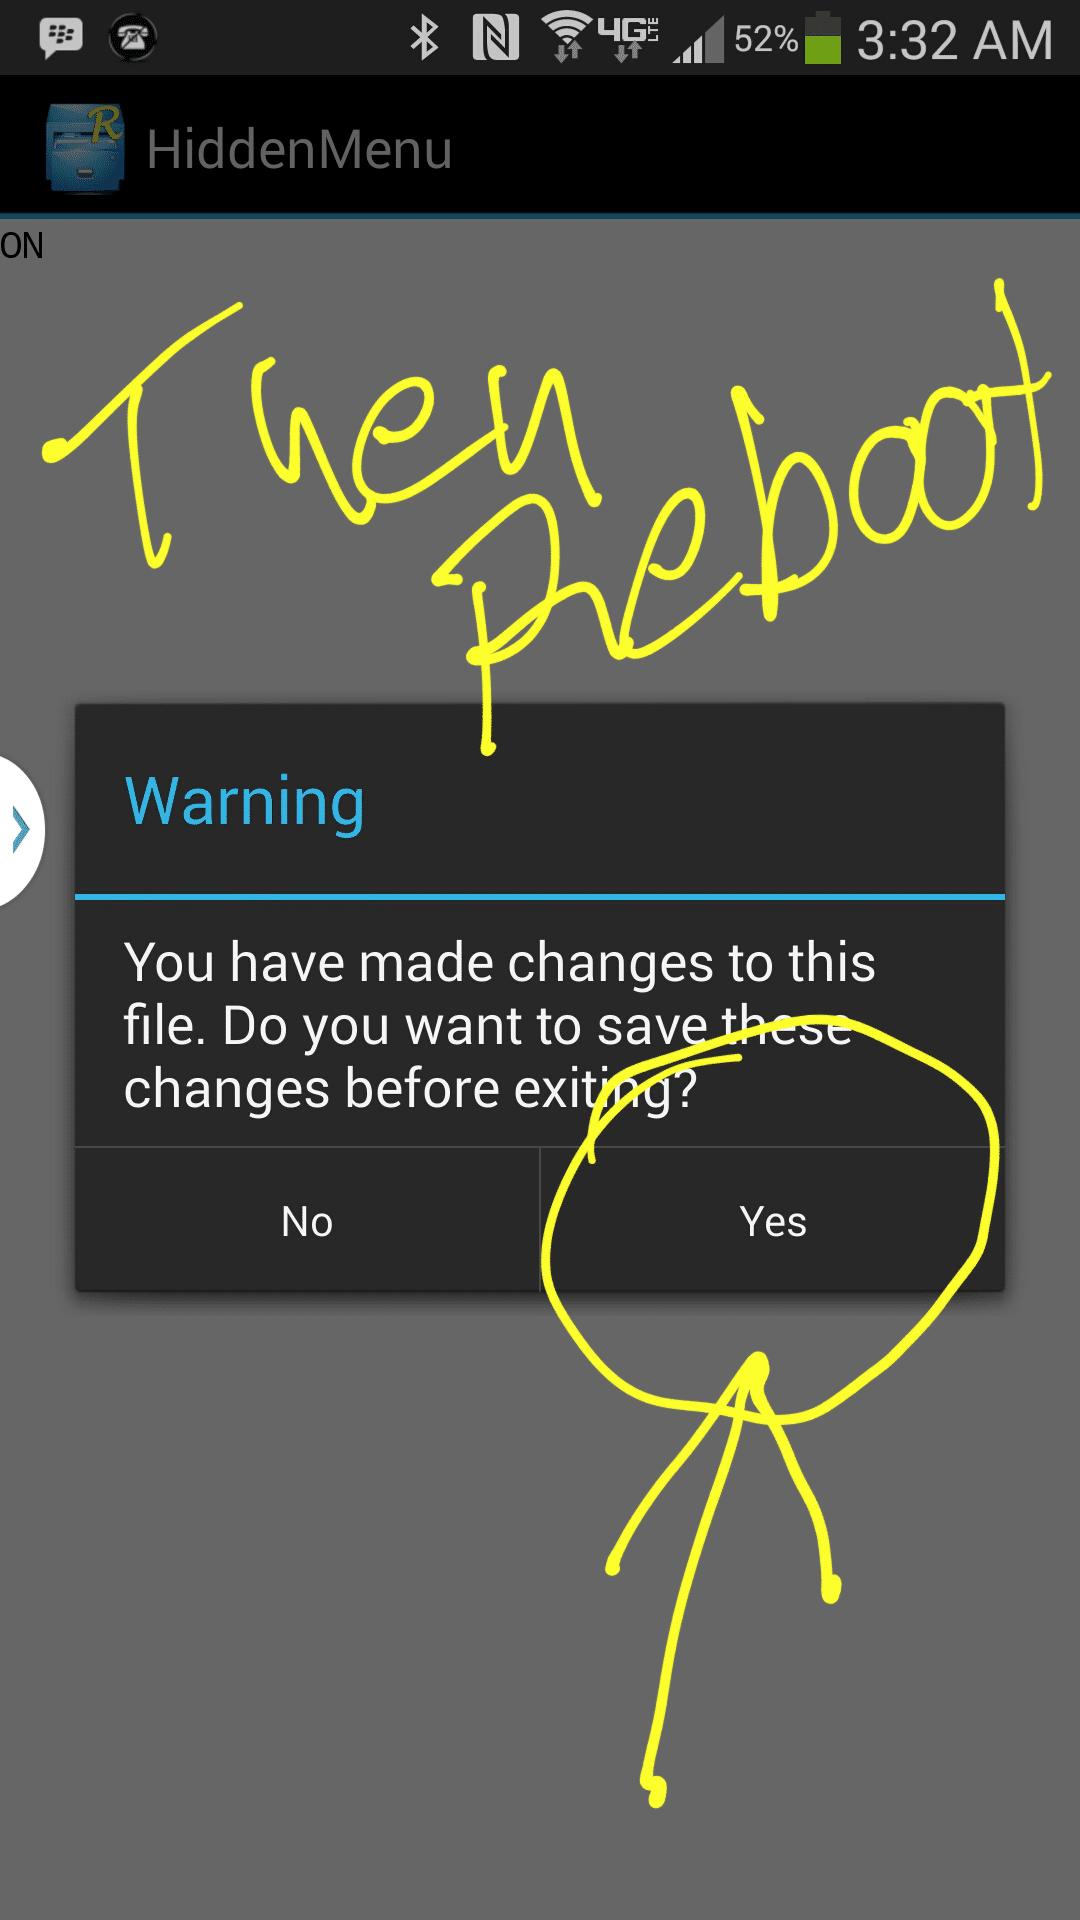 TOOL] Enable Hidden Menus (Dialer) for Verizon Galaxy Note 3